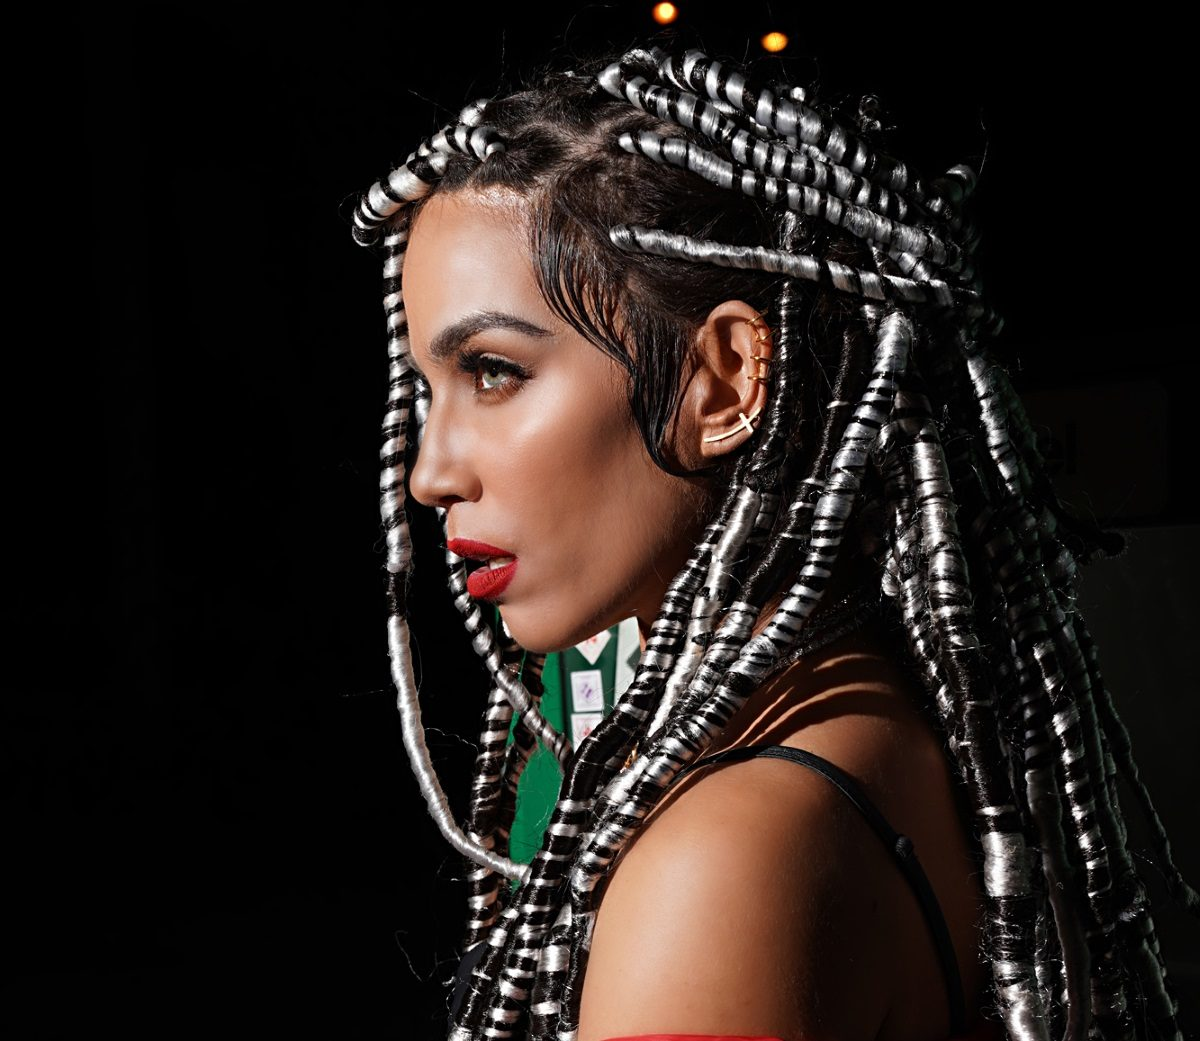 Κατερίνα Στικούδη: Μόλις κυκλοφόρησε το ολοκαίνουργιο video για το κομμάτι «Το Ξέραμε Και Οι Δυο»! | tlife.gr